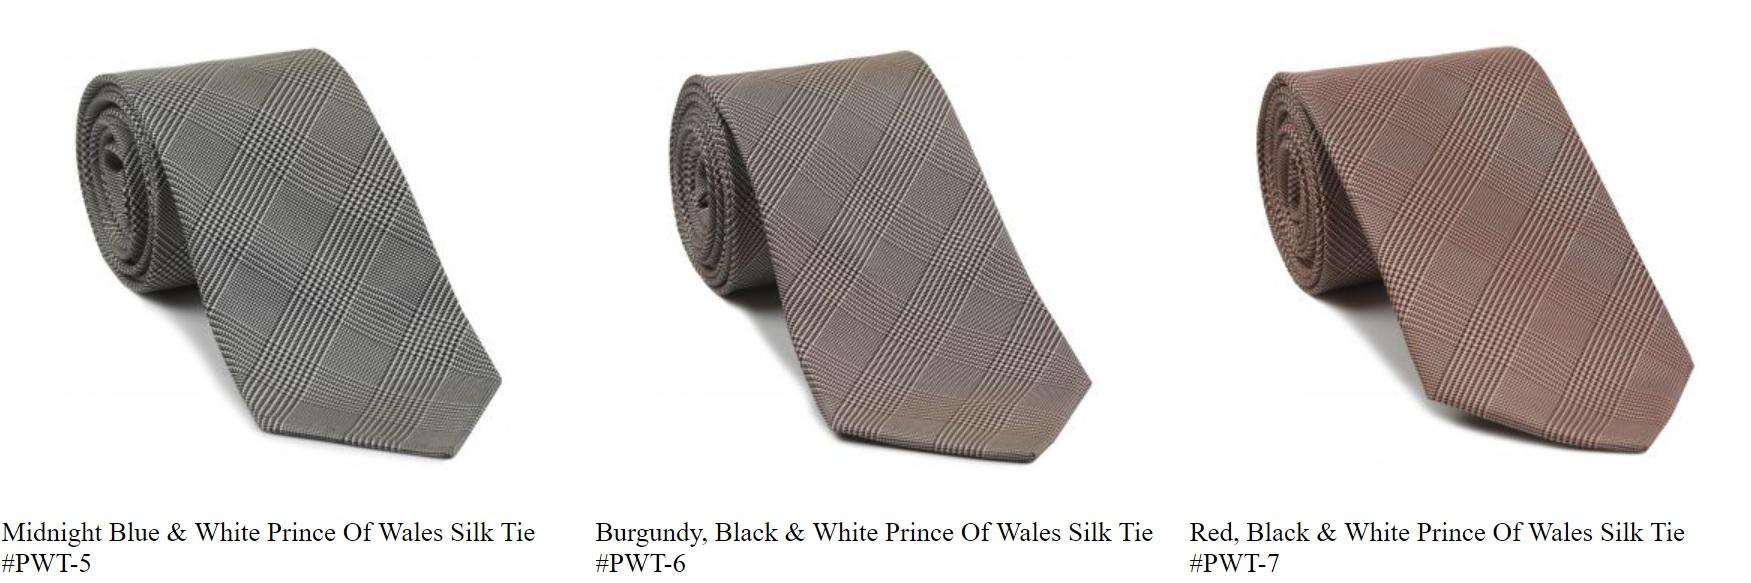 sam hober slips